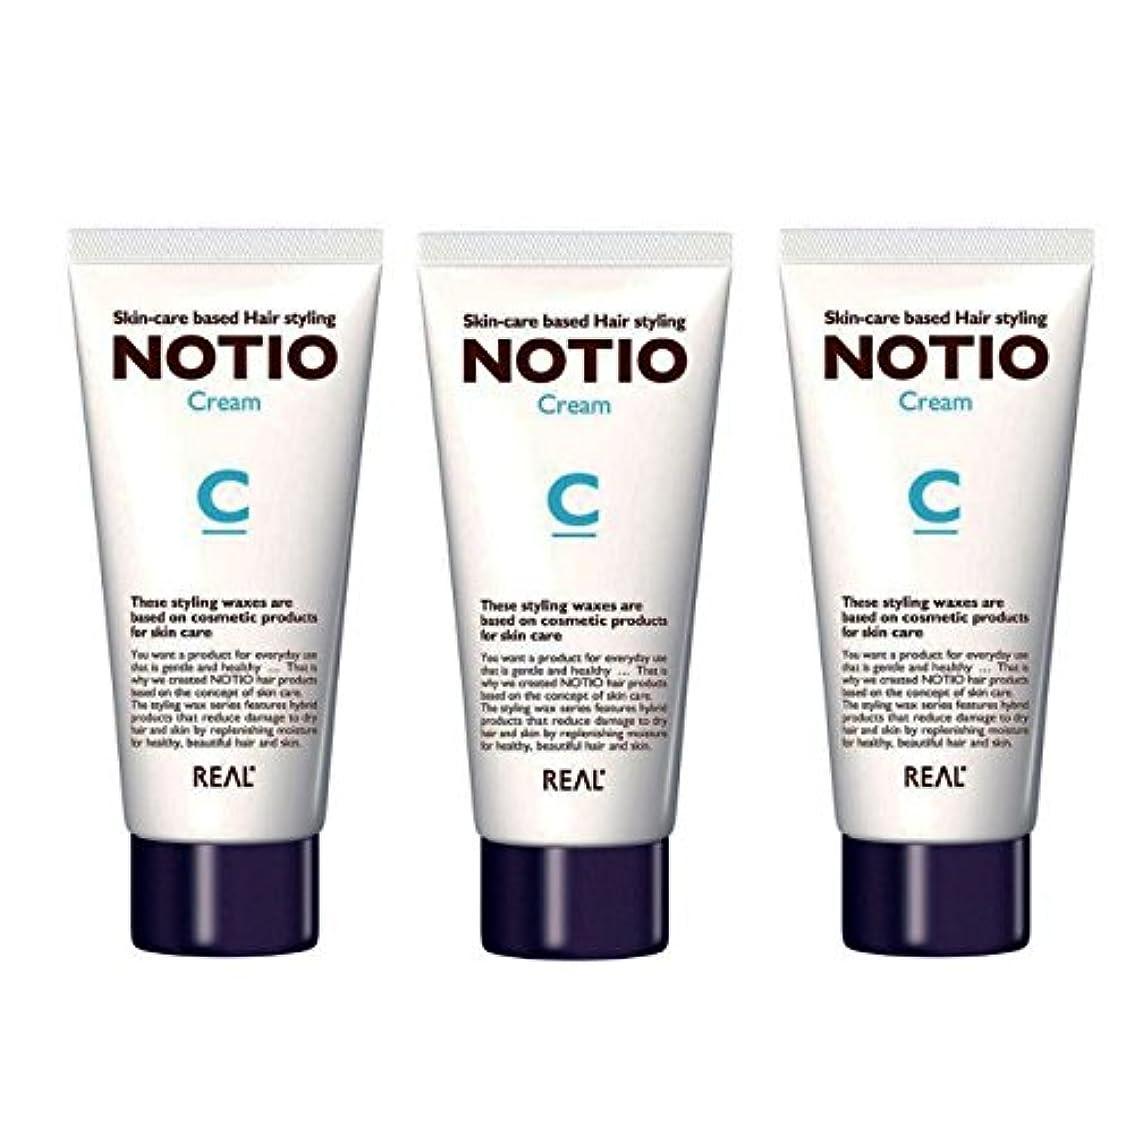 【3個セット】NOTIO Cream ノティオ クリーム ( ヘアスタイリング?ハンドクリーム ) 90g